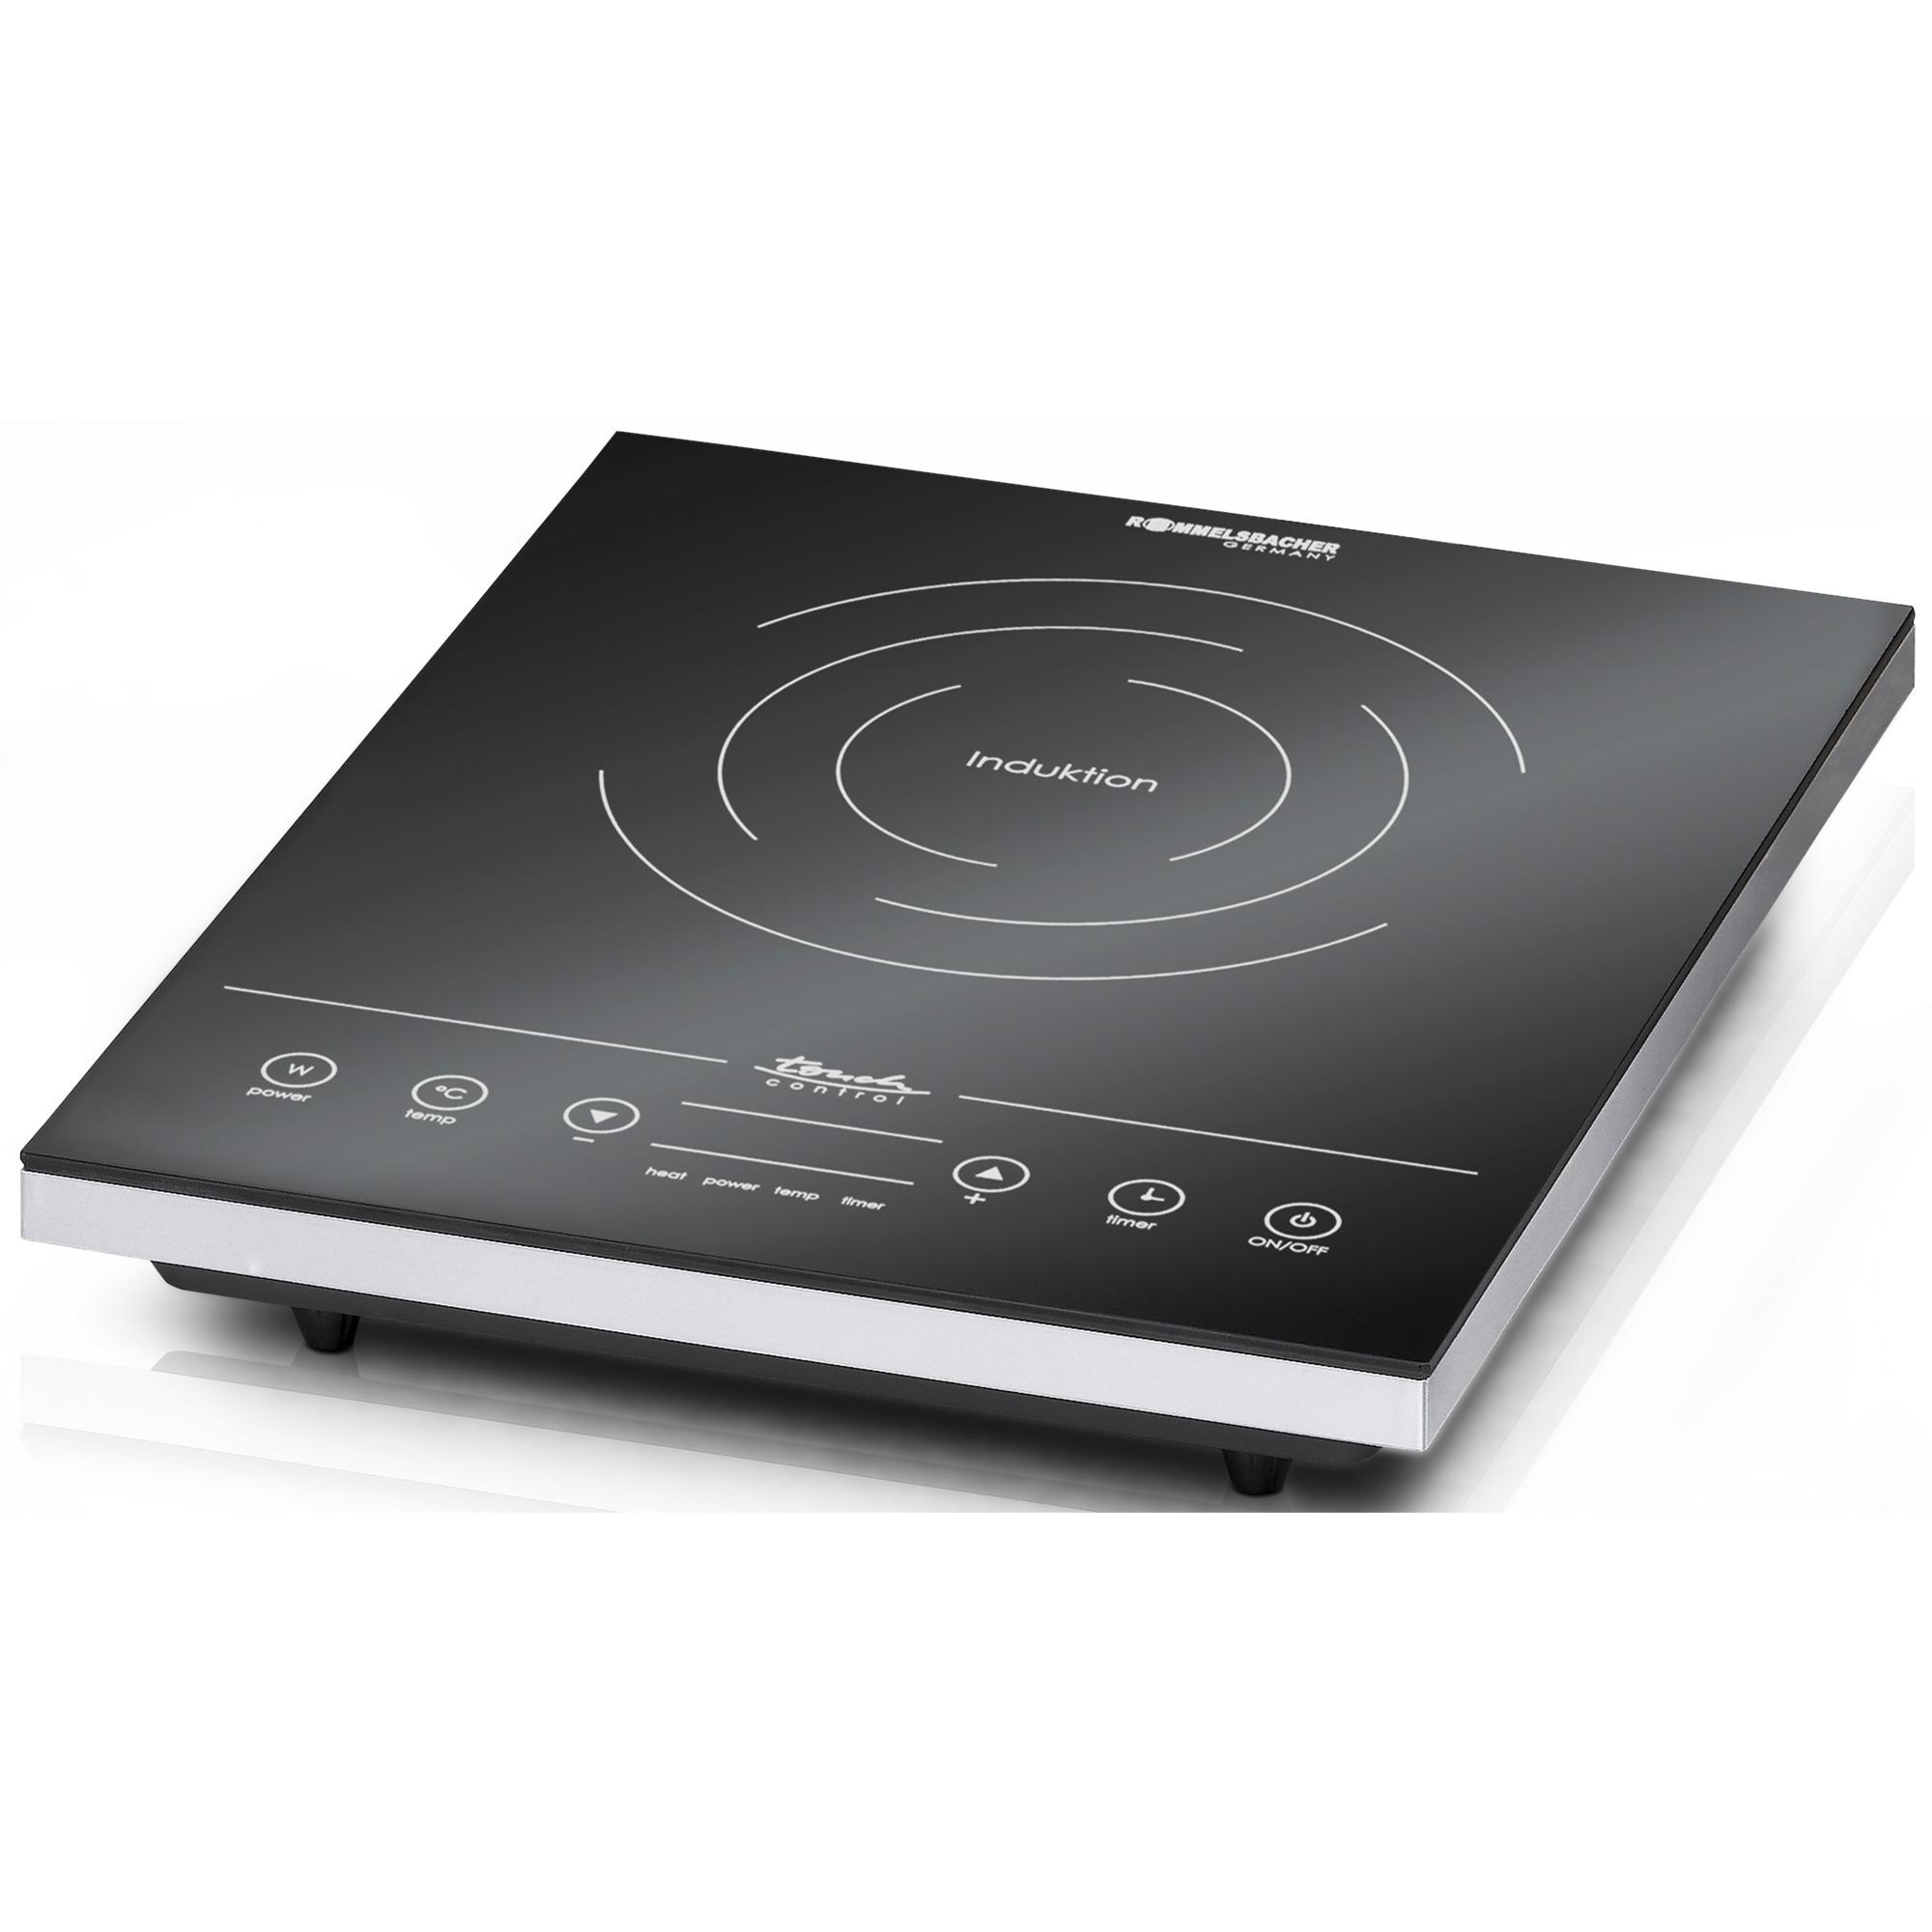 CT 2010/IN hobs Mesa Con placa de inducción Negro, Blanco, Placa de cocción